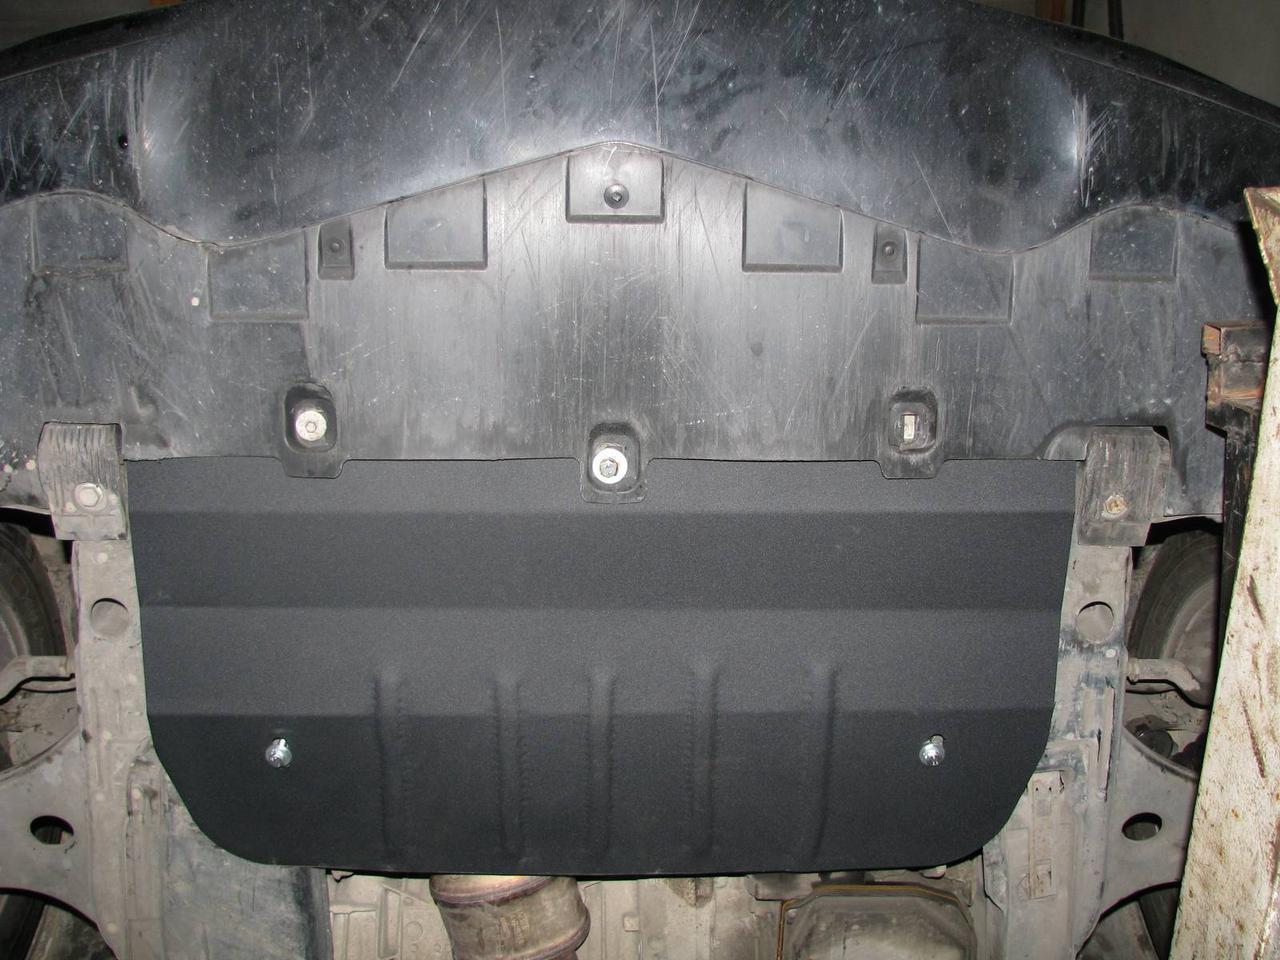 Захист двигуна MERCEDES-BENZ B-CLASS W245 B180 2005-2011 (двигун)